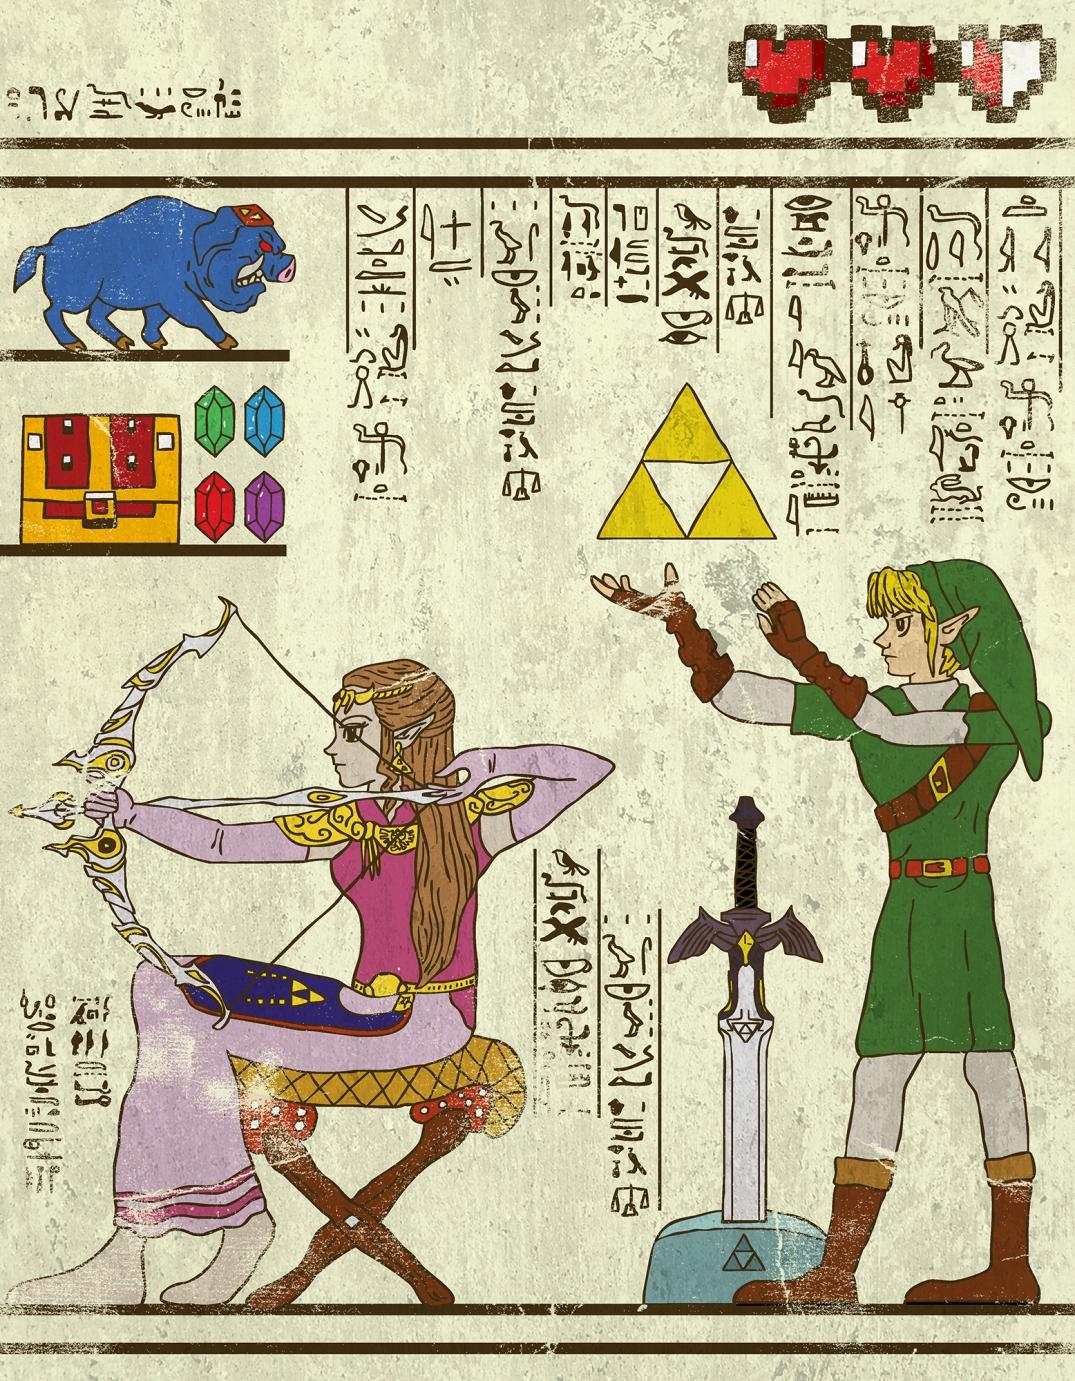 hero-glyphics-hyrule-history